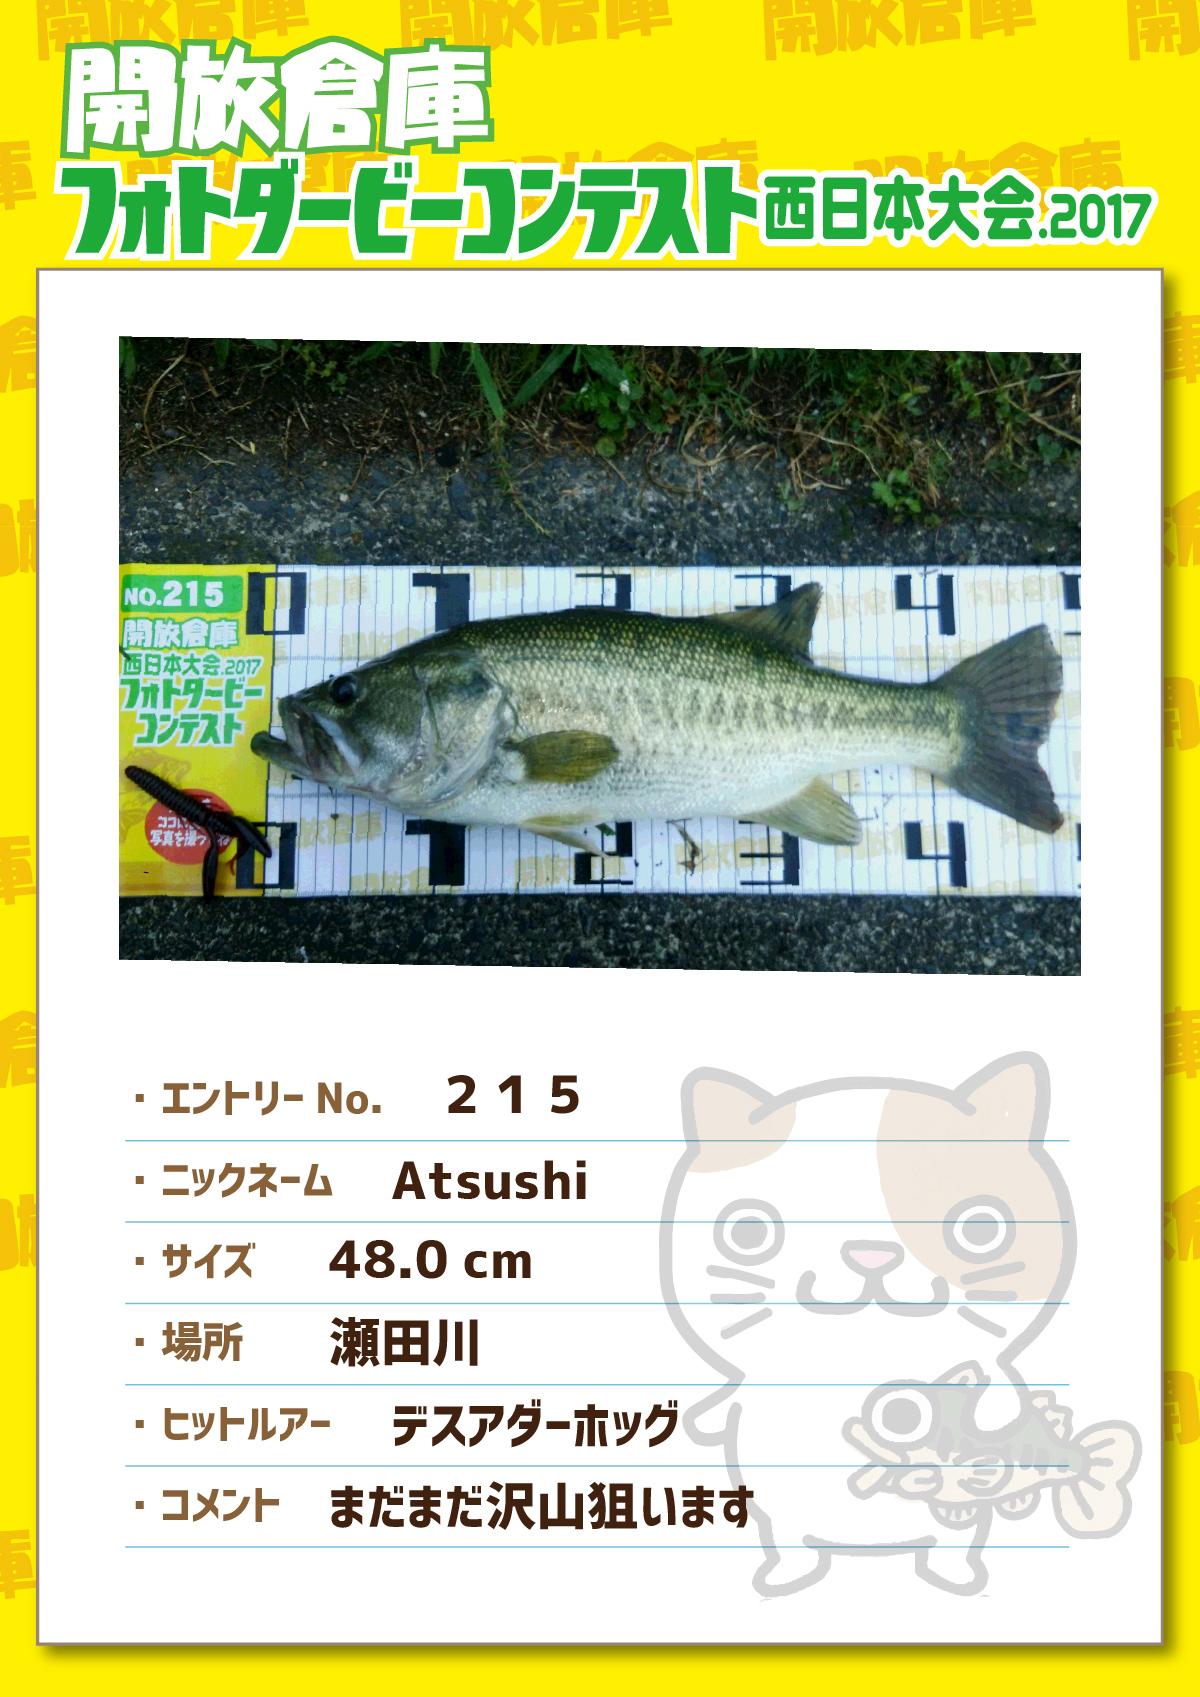 No.215 Atsushi 48.0cm 瀬田川 デスアダーホッグ まだまだ沢山狙います